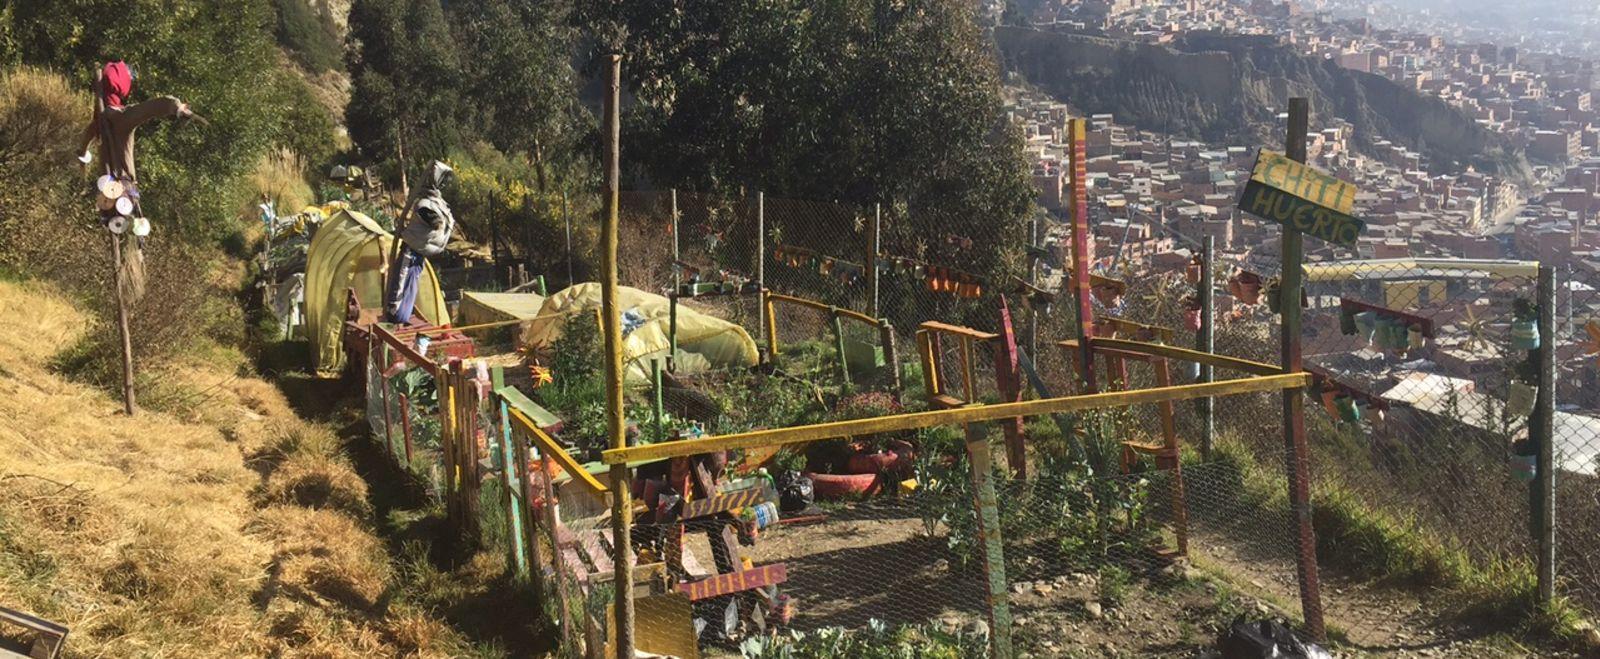 Barr Fellows Garden